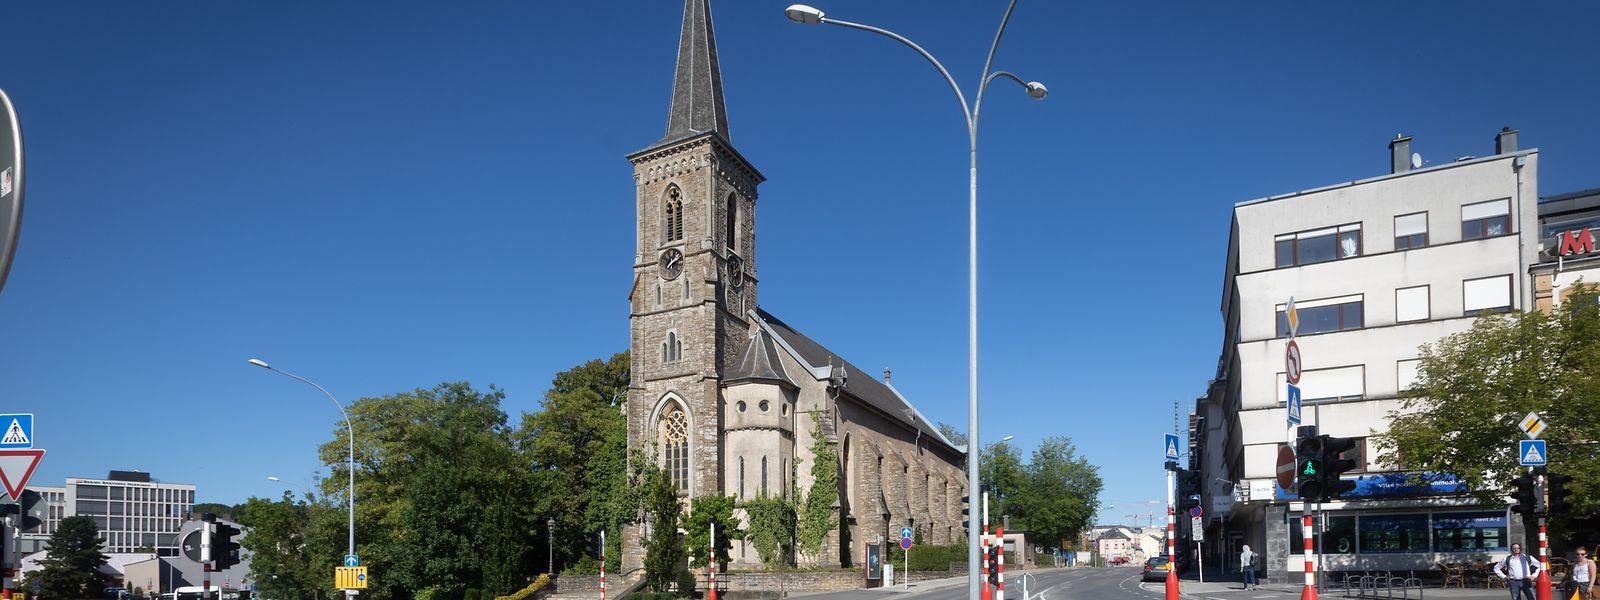 Die Kirchenfabrik von Hollerich und die Vereinigung Saints Pierre et Paul werden beschuldigt, Mieteinnahmen nicht ordnungsgemäß an den Kirchenfonds weitergegeben zu haben.